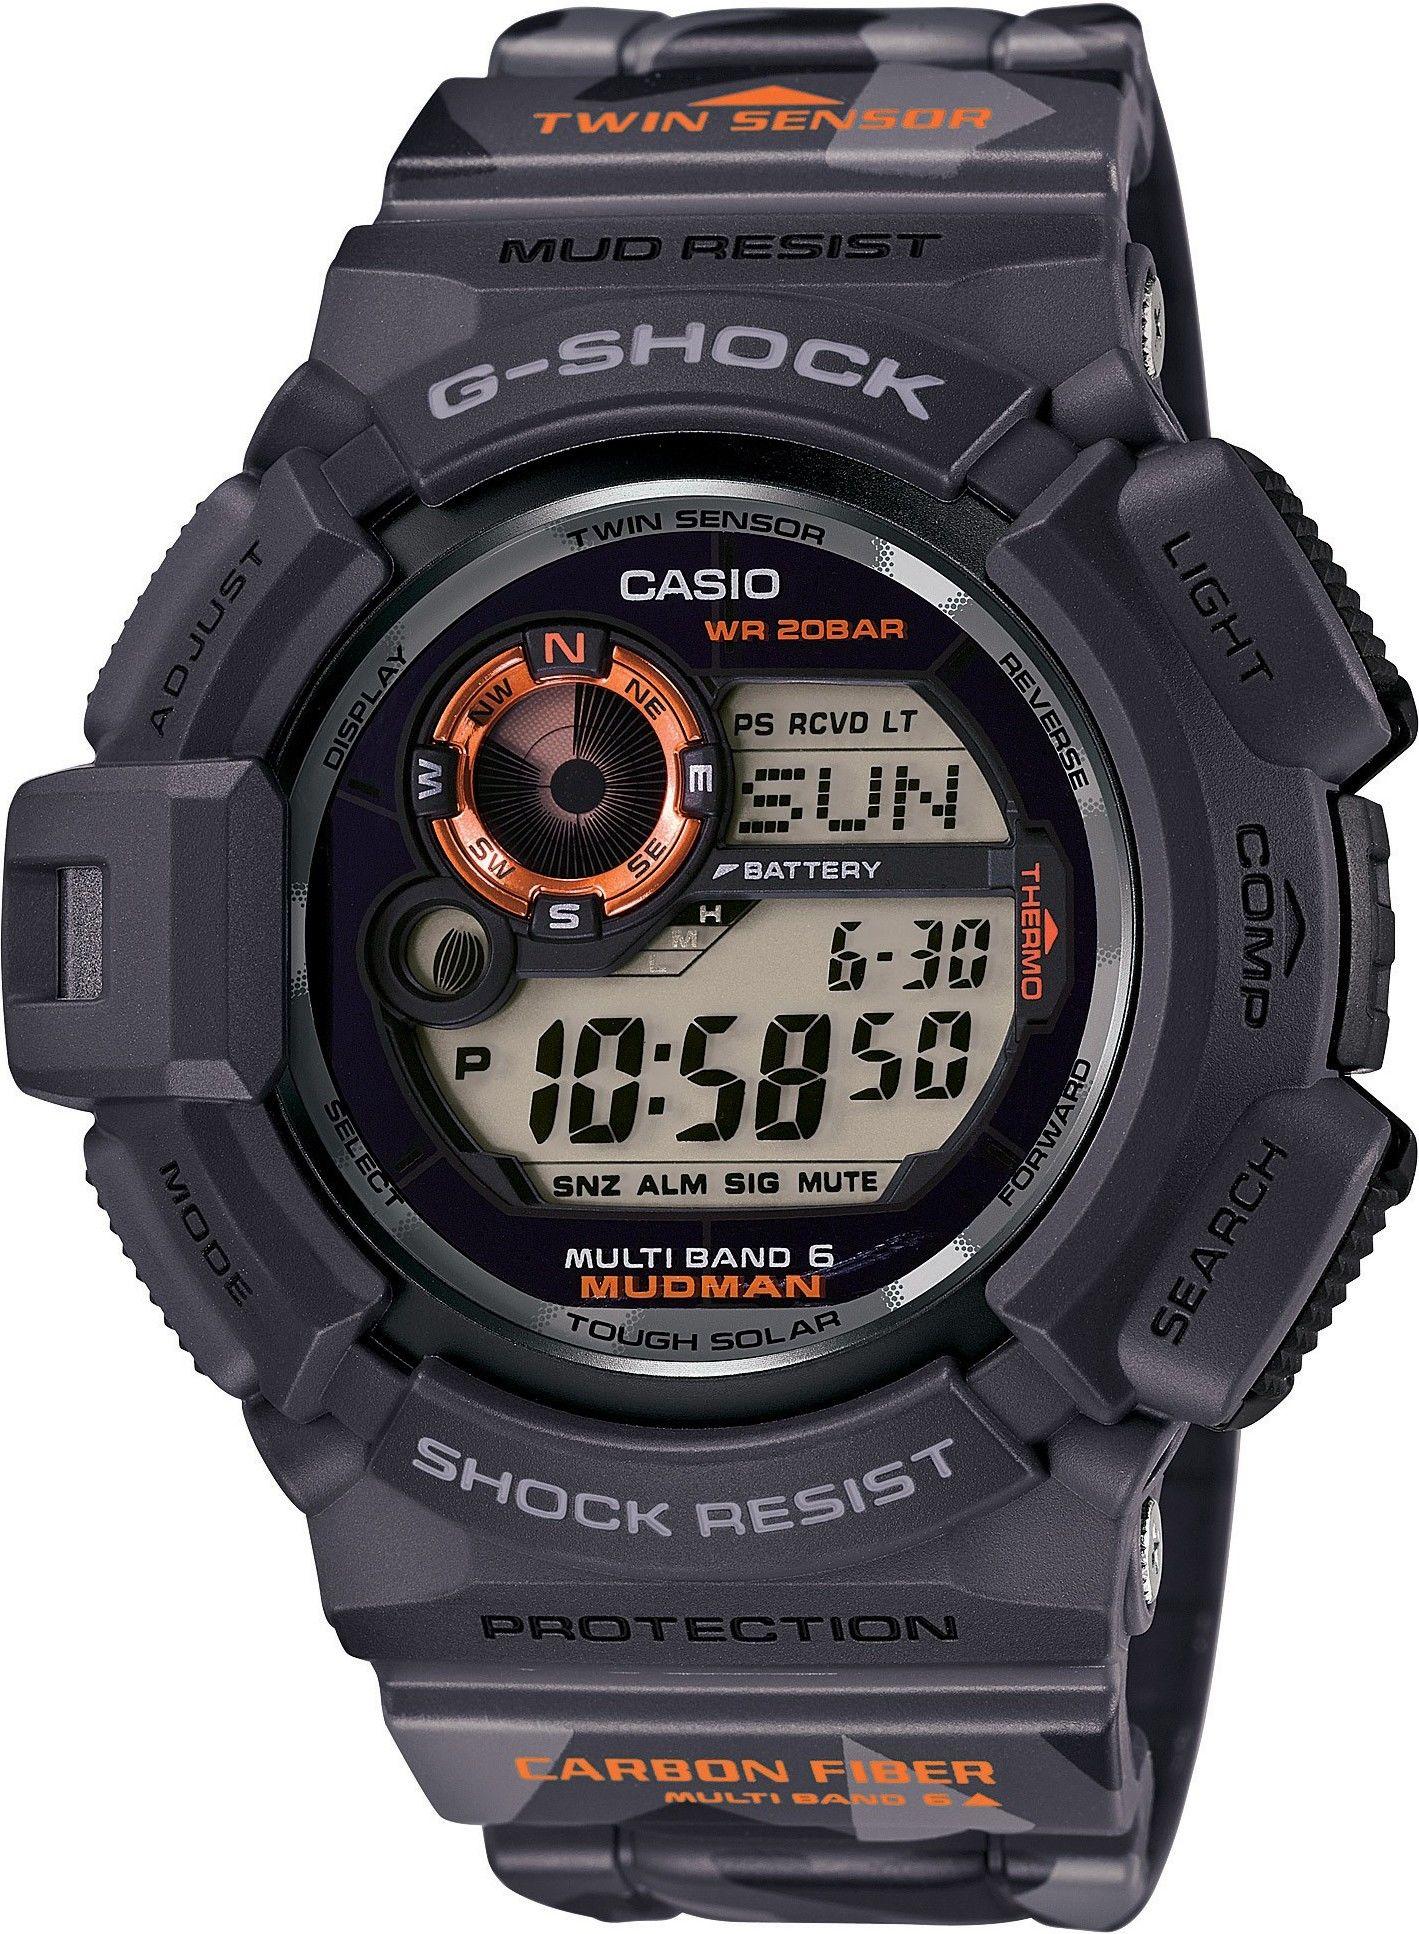 Casio G-Shock Mudman GW-9300CM-1ER